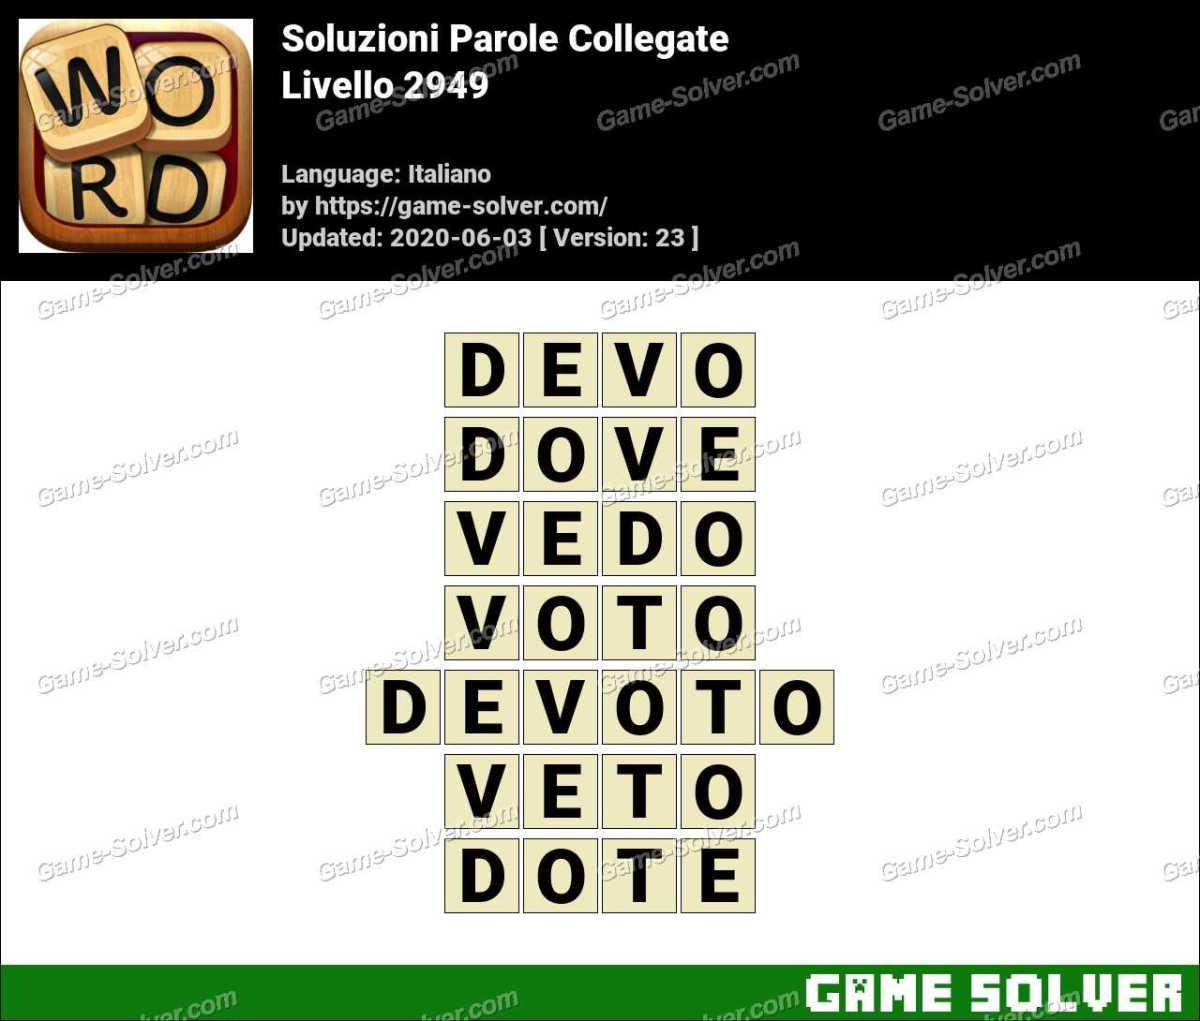 Soluzioni Parole Collegate Livello 2949